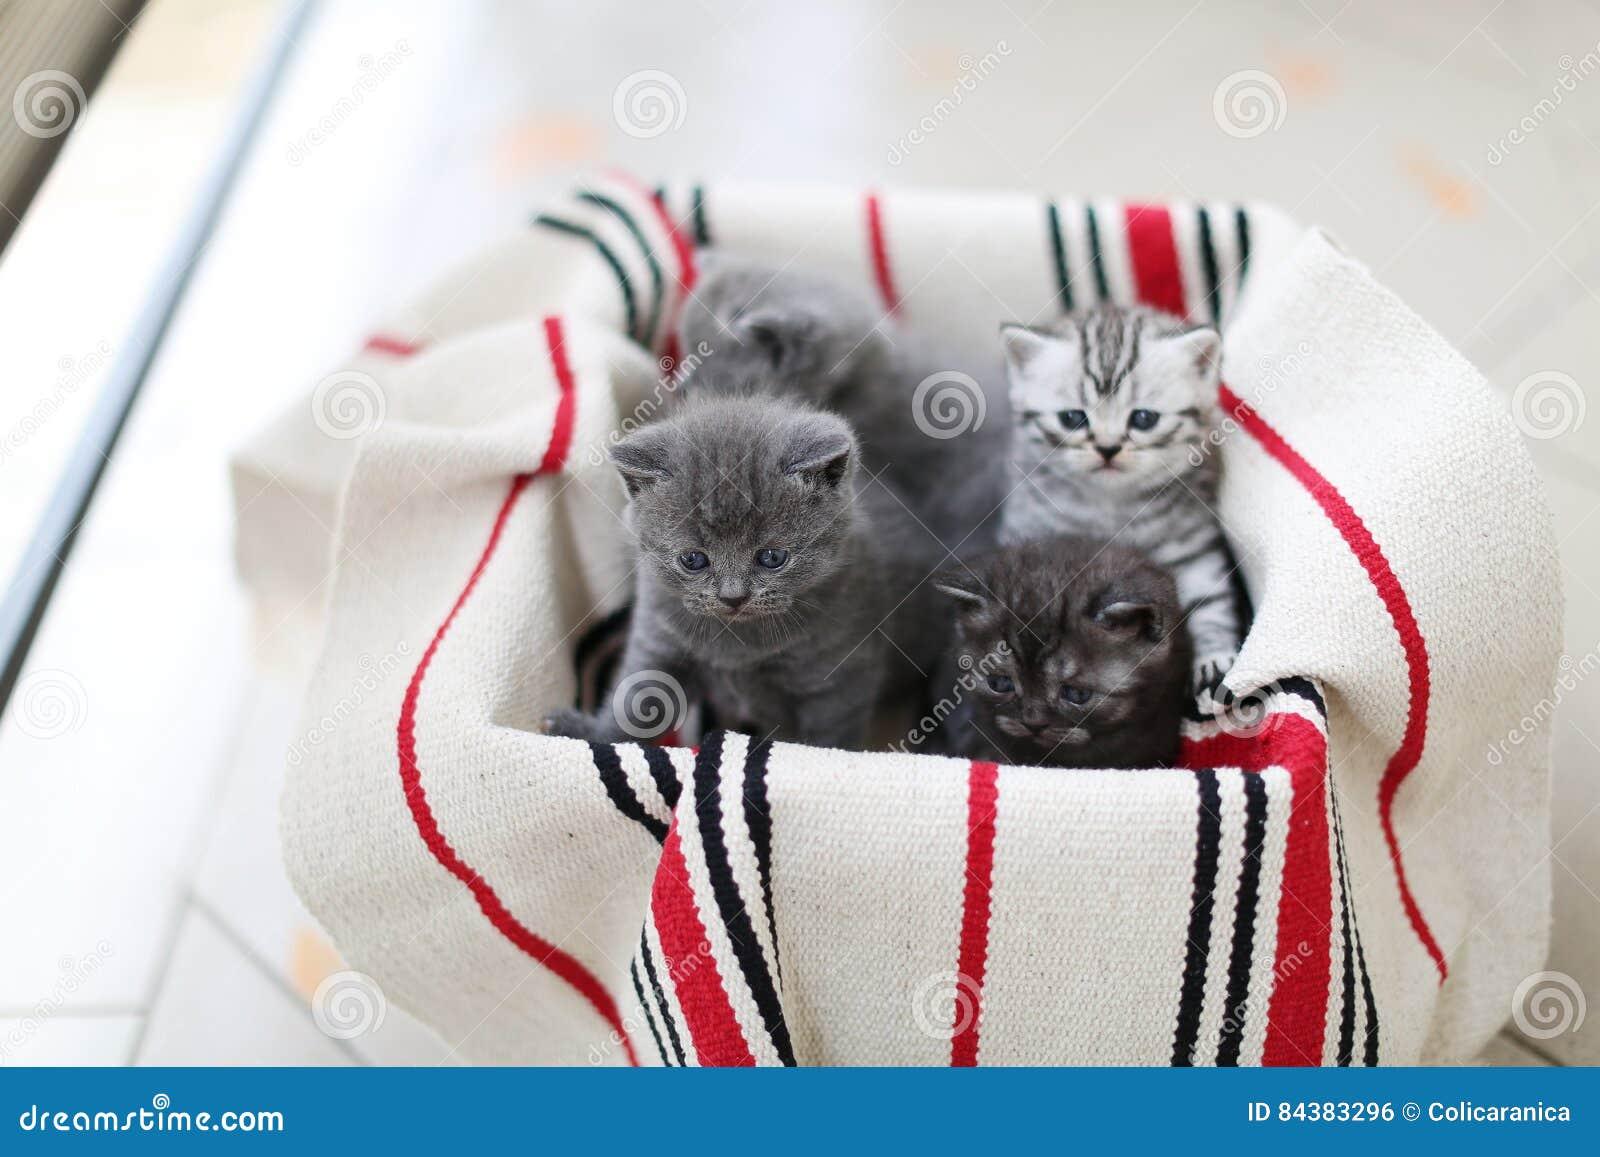 Χαριτωμένο πρόσωπο, πρόσφατα γεννημένα γατάκια